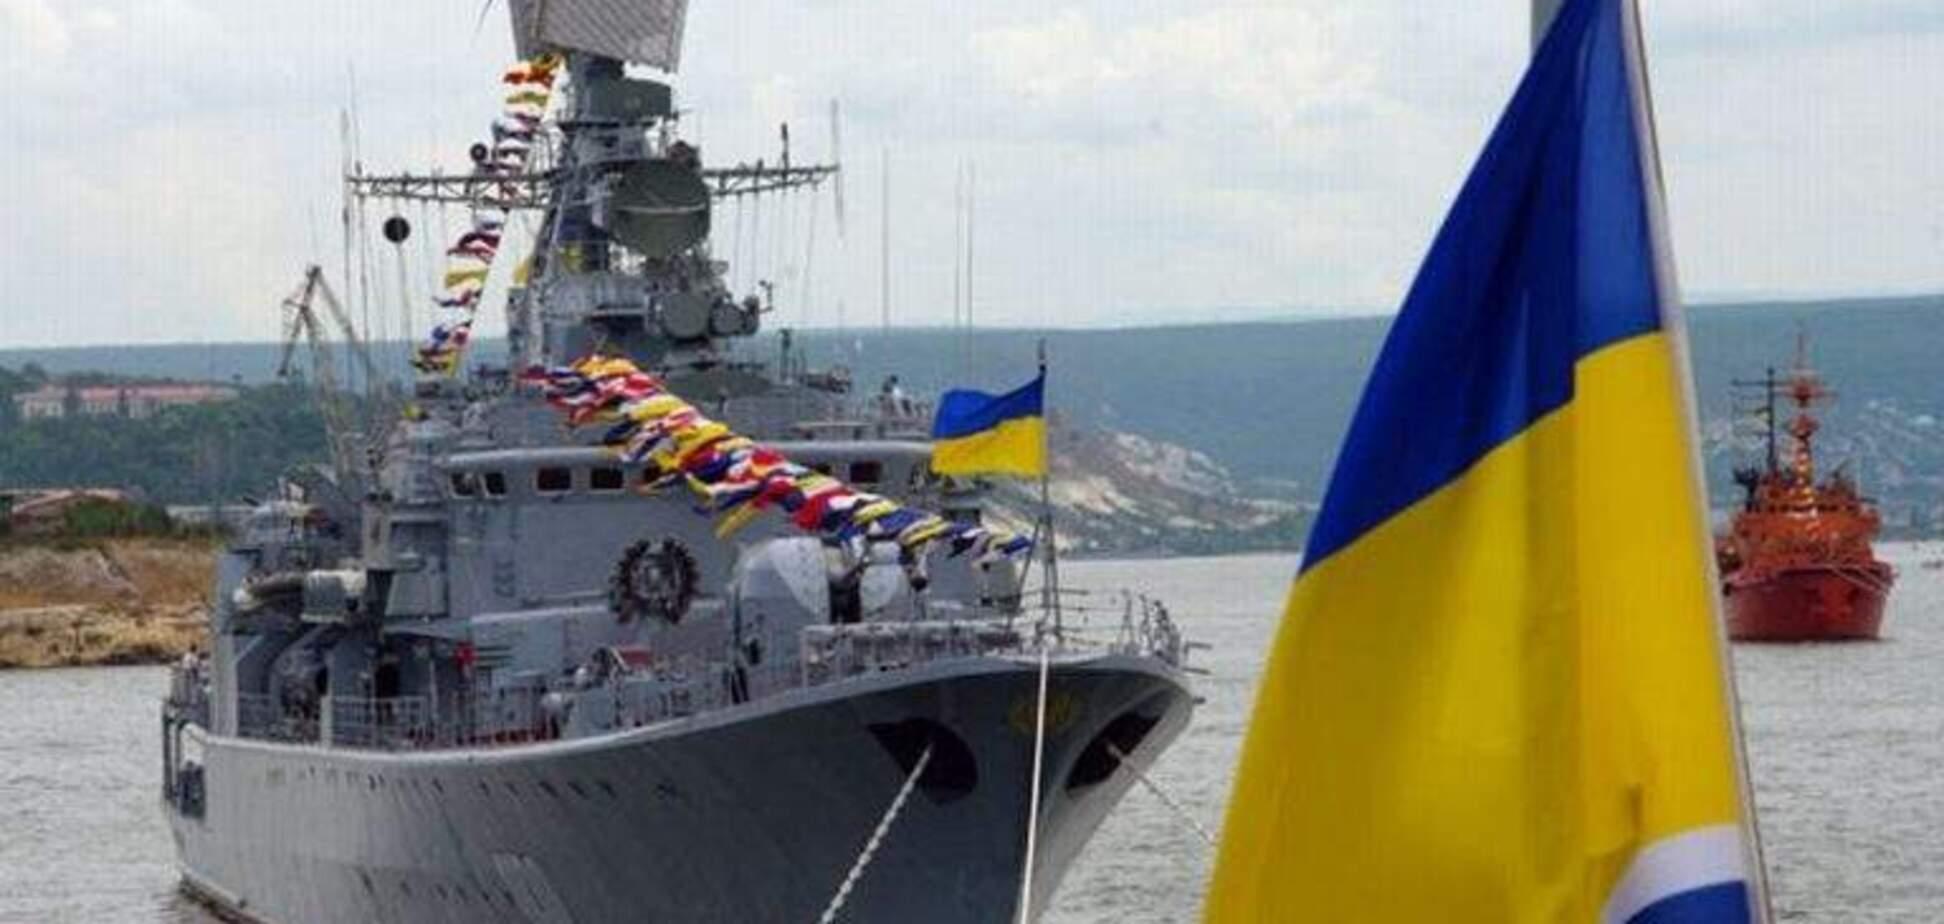 Фрегати не врятують: у ВМС розповіли, як перемогти Росію у морі